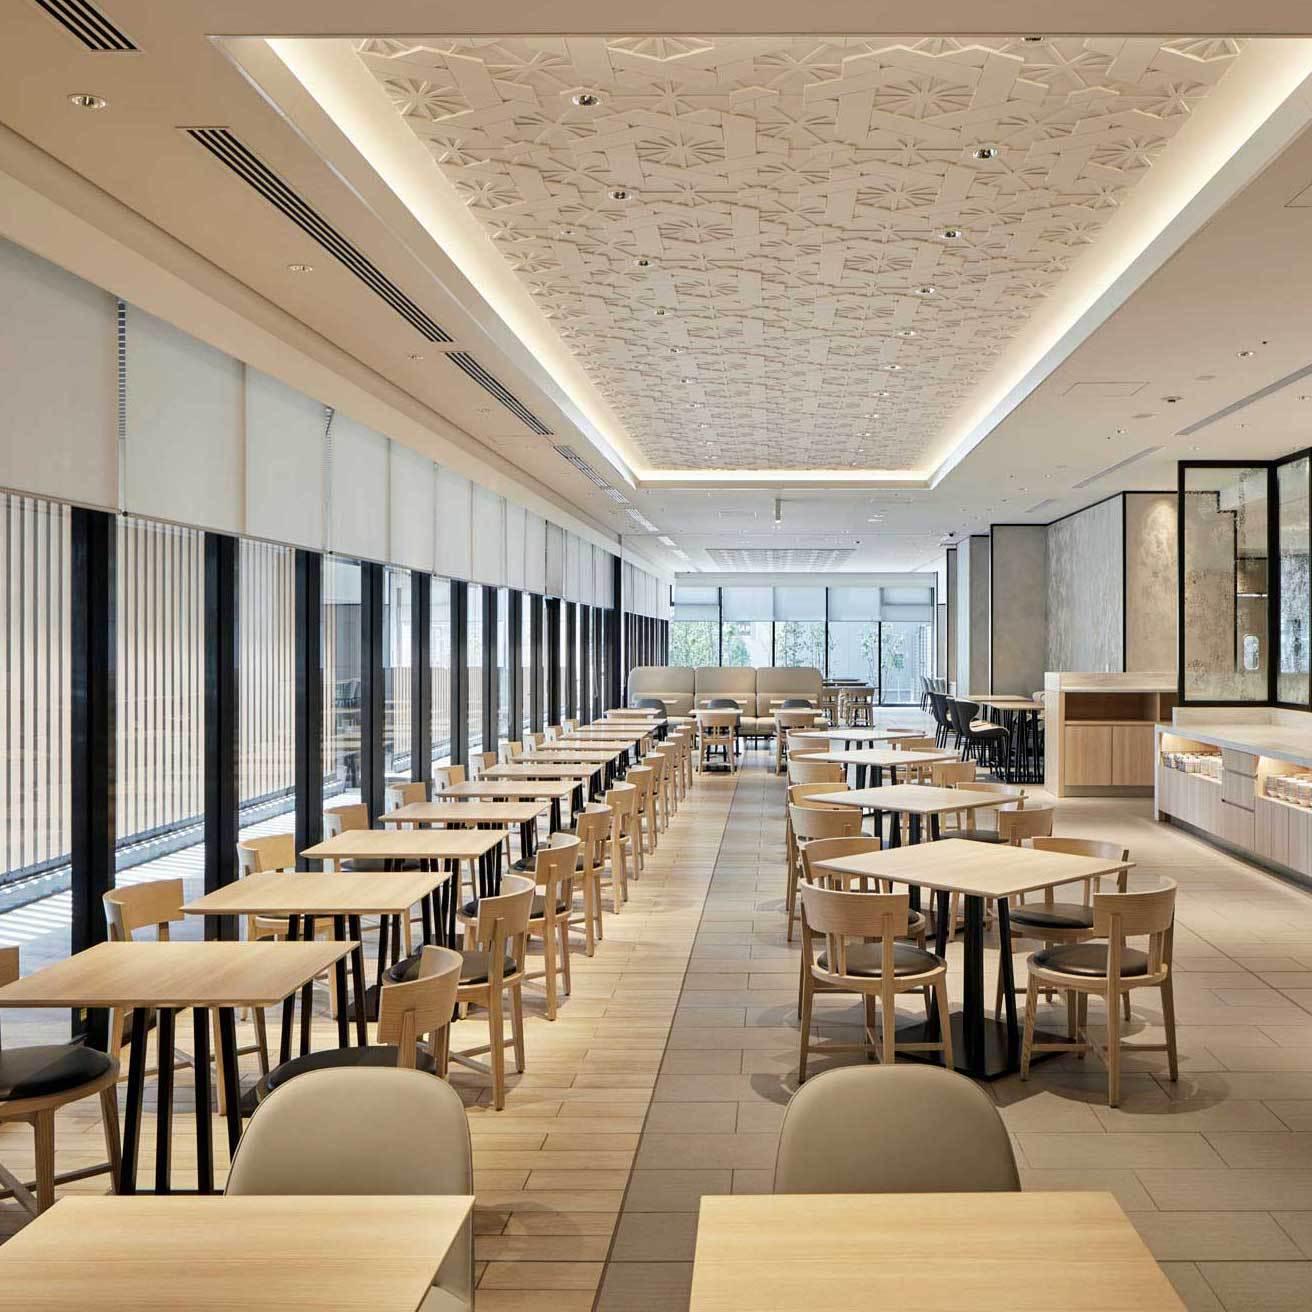 【レストラン】フレンチと京都のエッセンスを随所に取り入れた新しい発見がここにあります。 ※イメージ